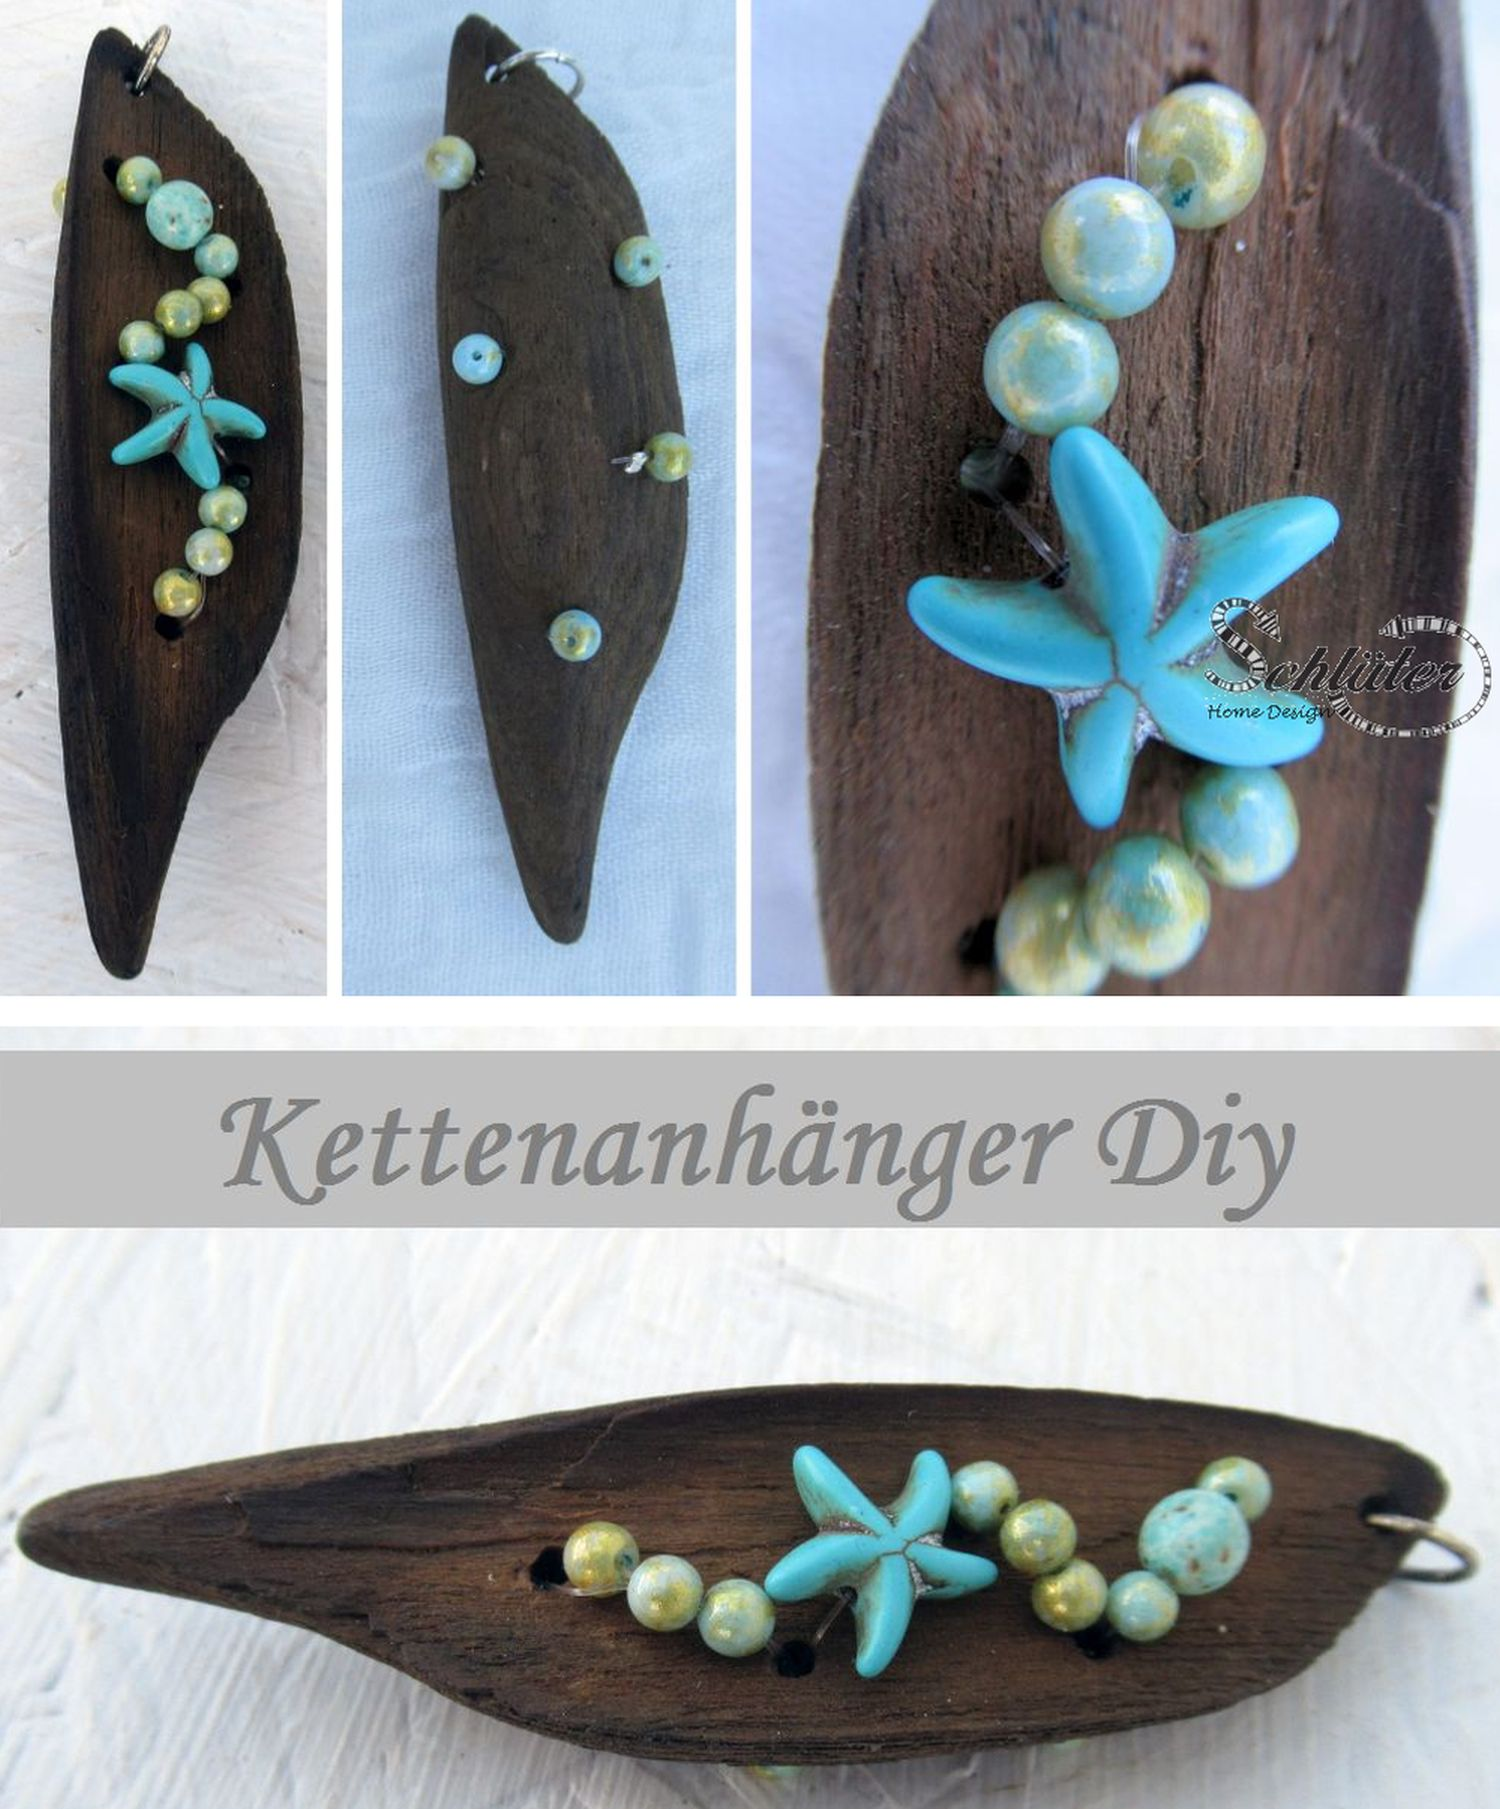 Treibholz Kettenanhänger mit türkisen Perlen und Seestern